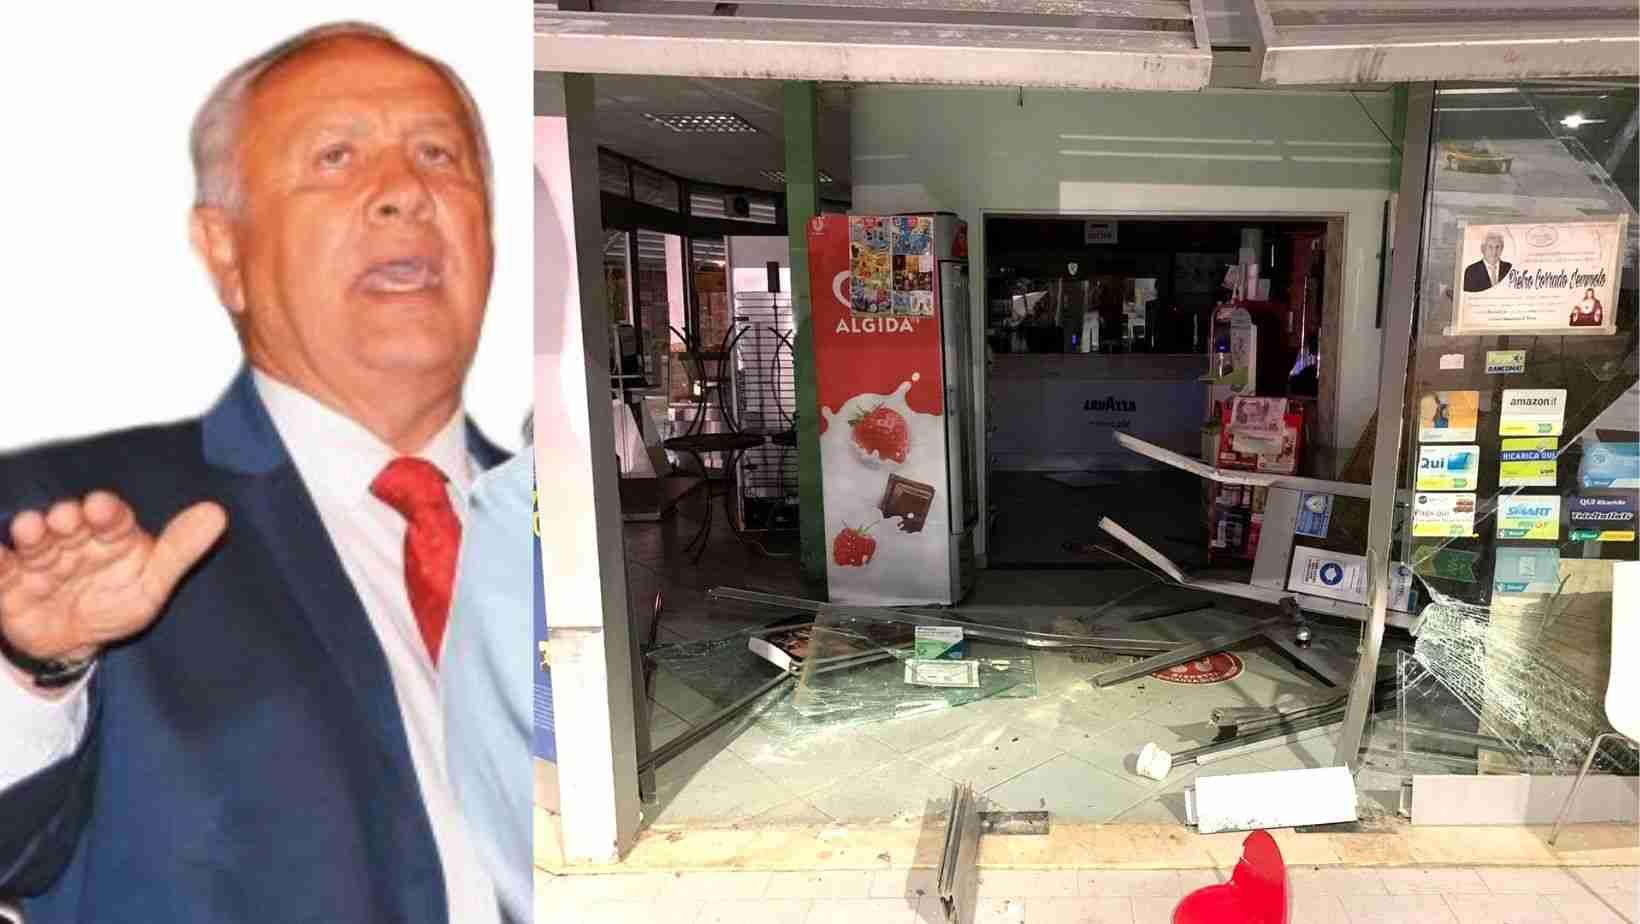 Tentato furto all'Agip, solidarietà alla famiglia Floriddia anche dal candidato sindaco Tino Di Rosolini